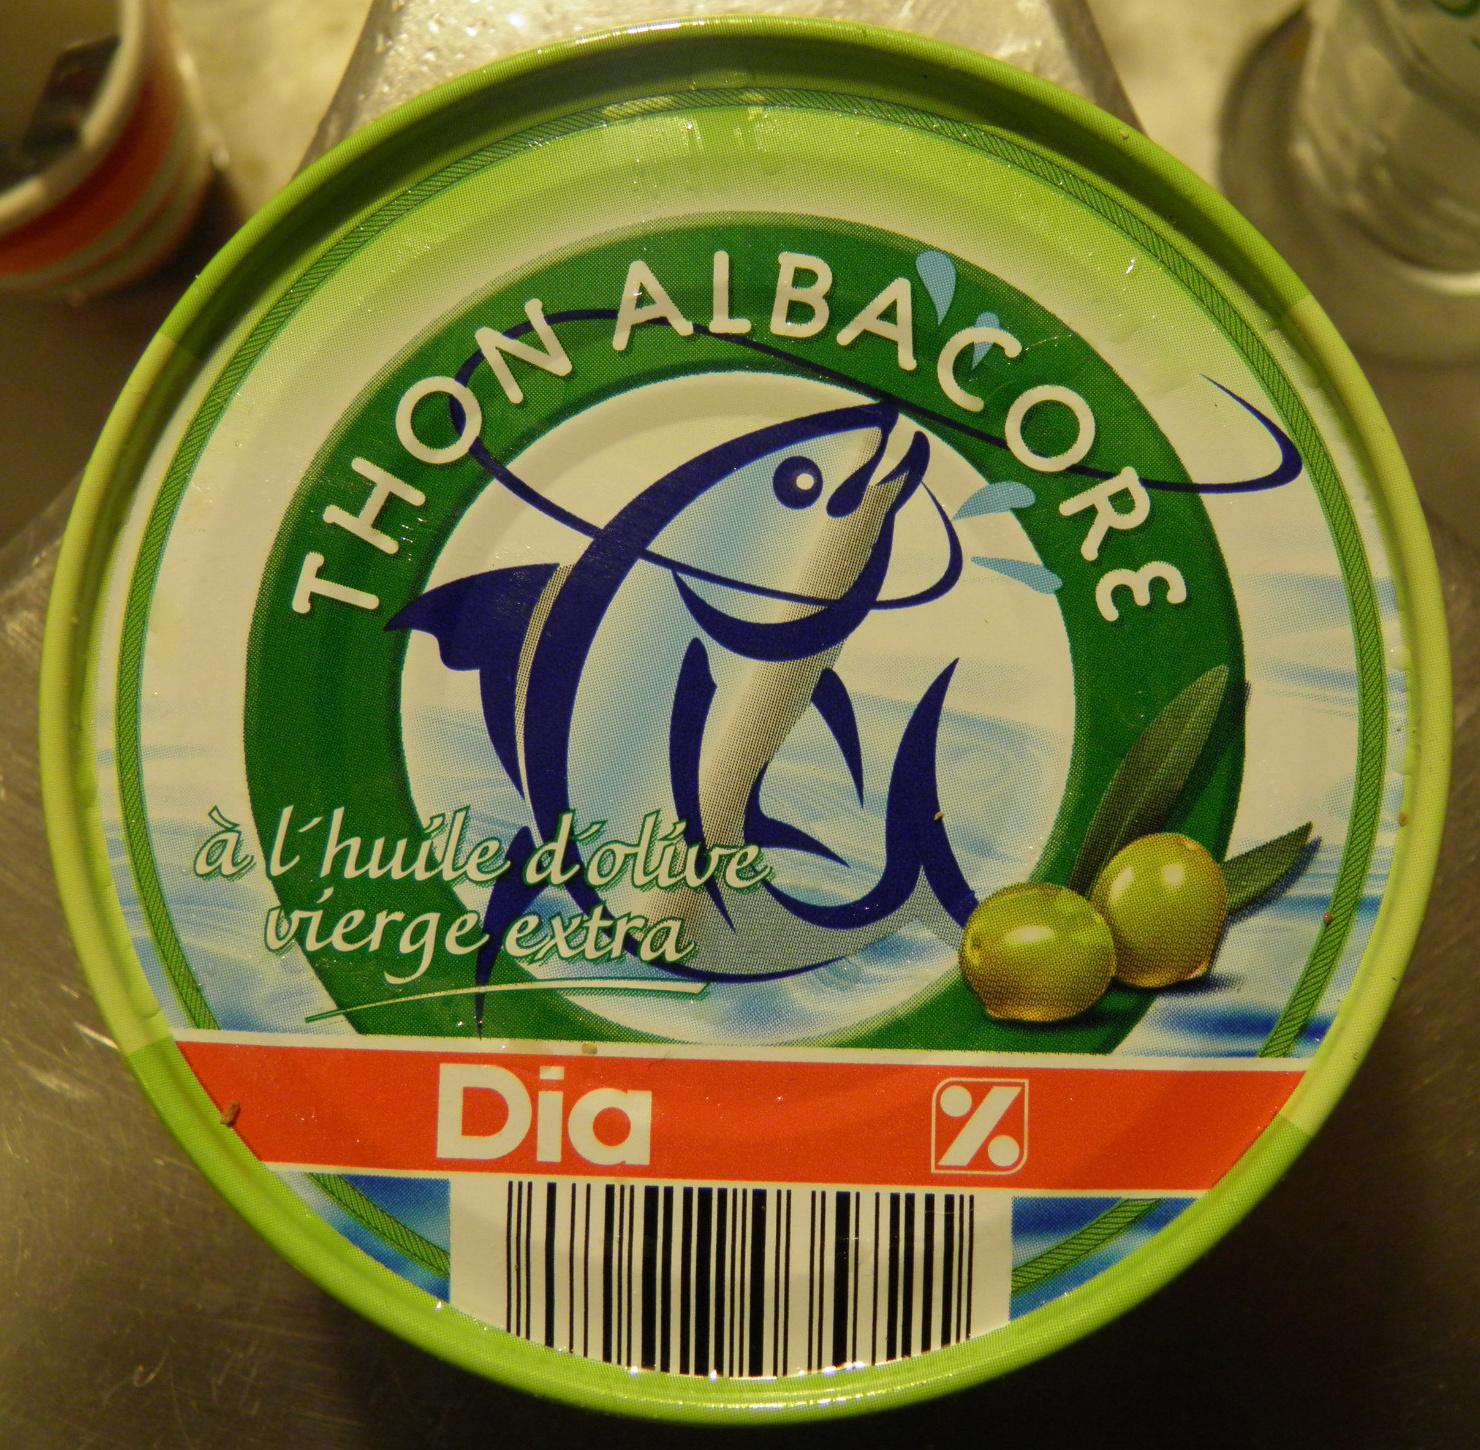 Thon Albacore (à l'huile d'olive vierge extra) - Produit - fr